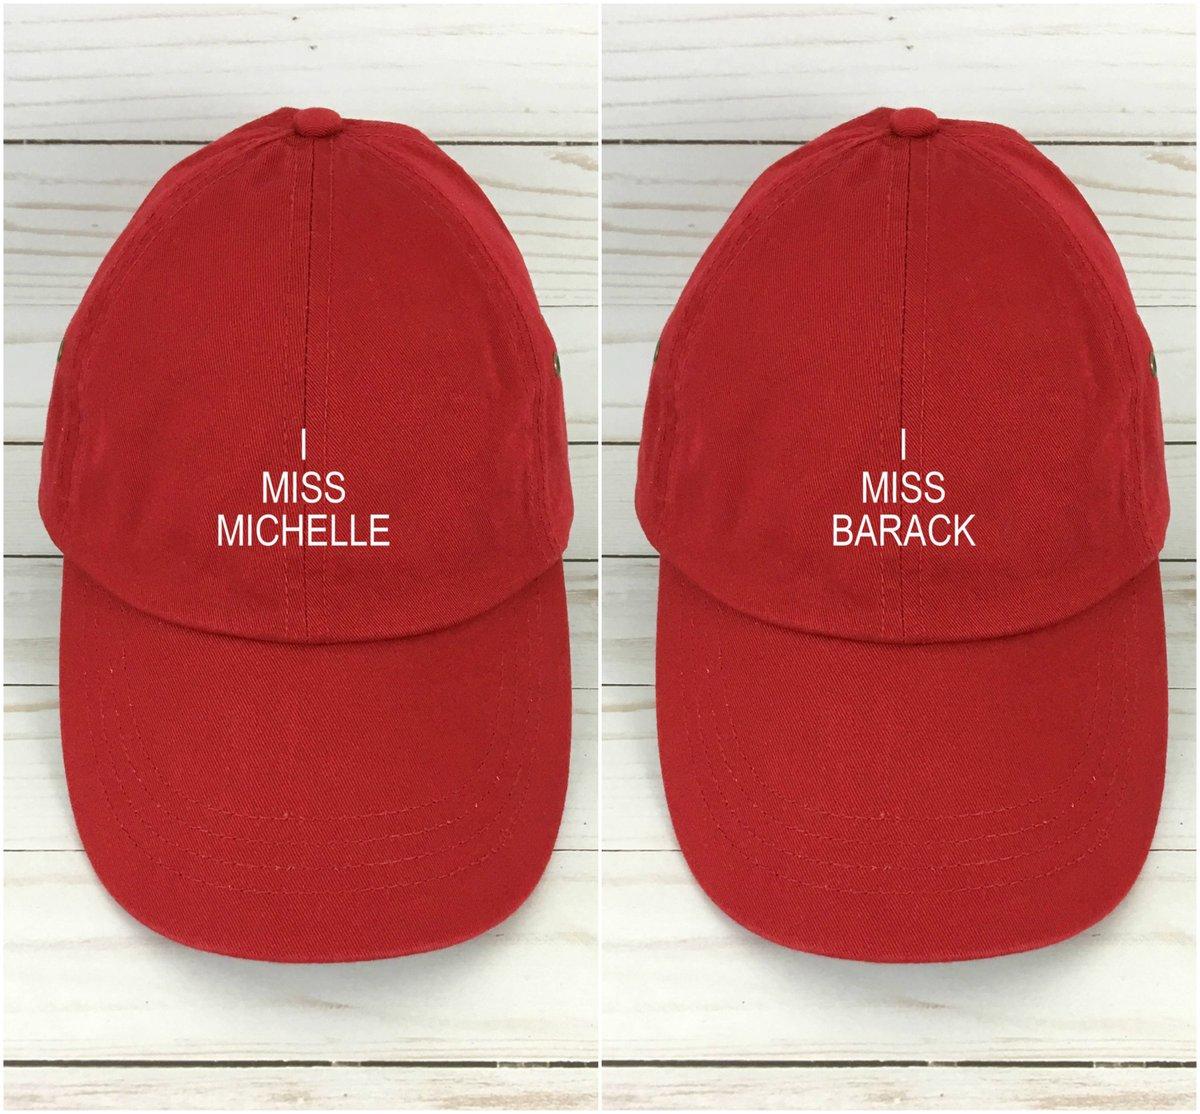 ... shop  i miss barack obama dad hat - i miss michelle dad hat - obama hat  http   etsy.me 2B4DkcC  accessories  hat  obama  imissobama  imissbarack   dadhat ... 1ae82da3b191